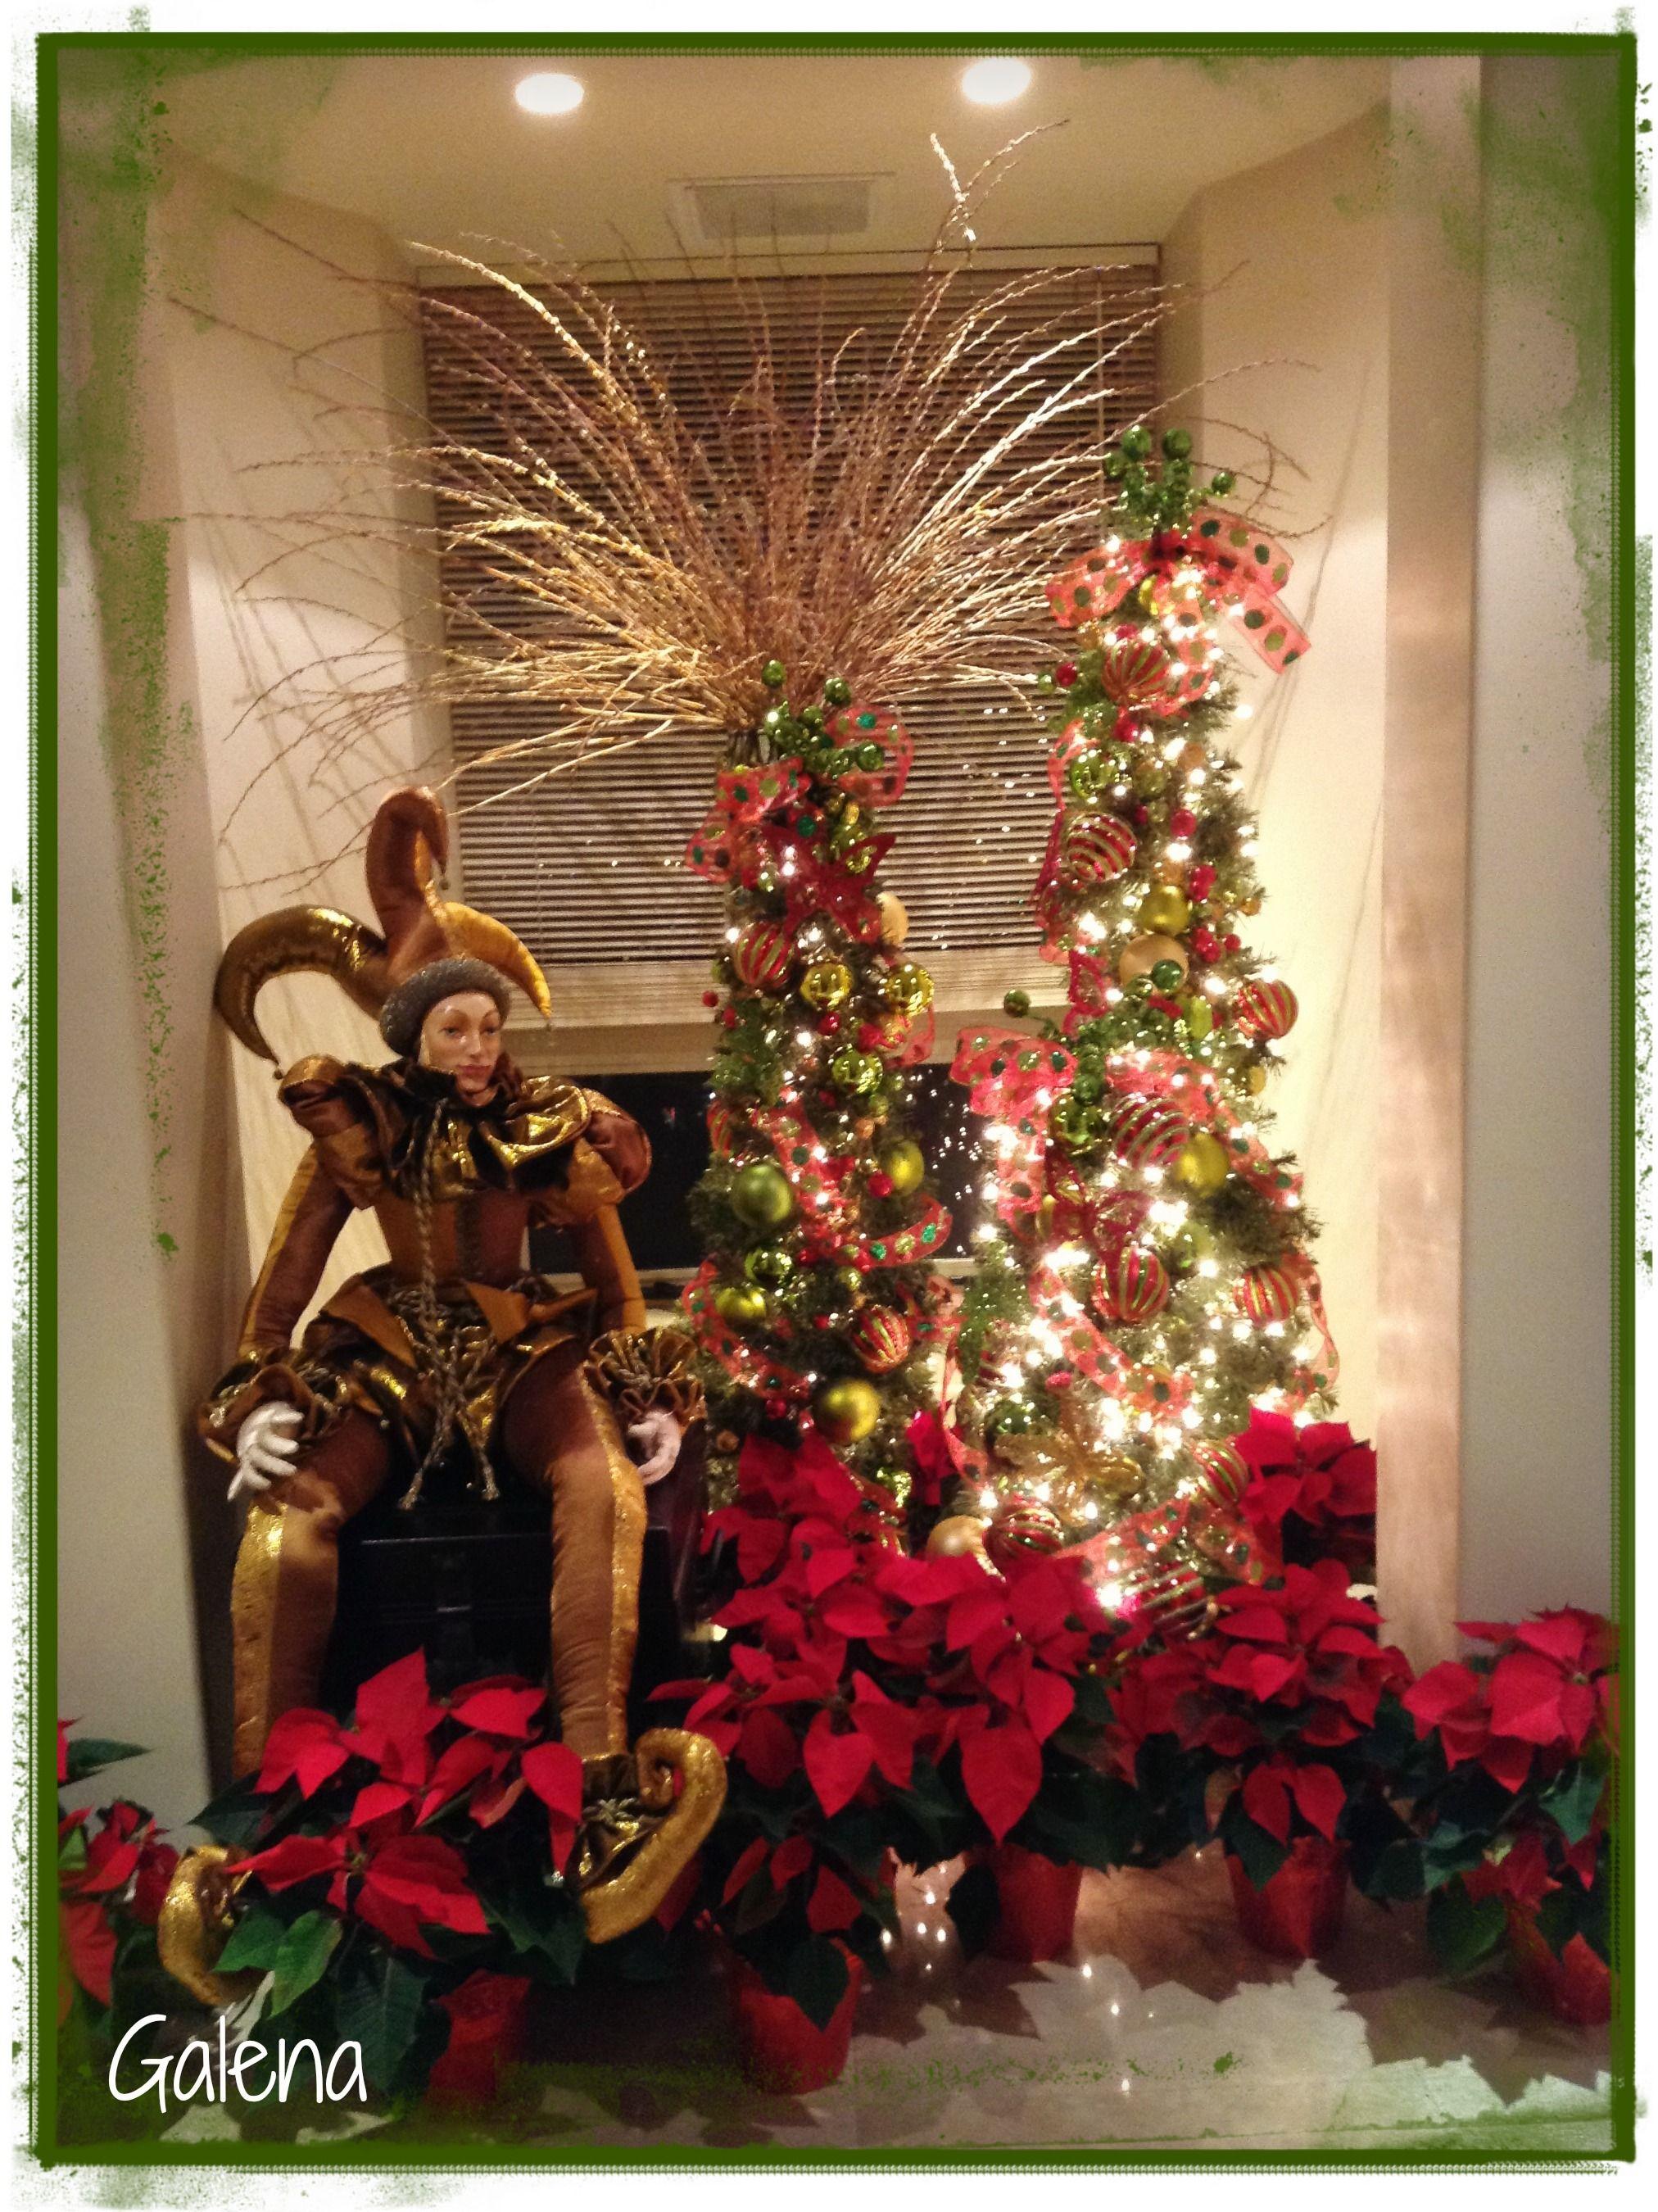 El arlequin y los arbolitos navide os navidad - Decoracion de arboles navidenos ...